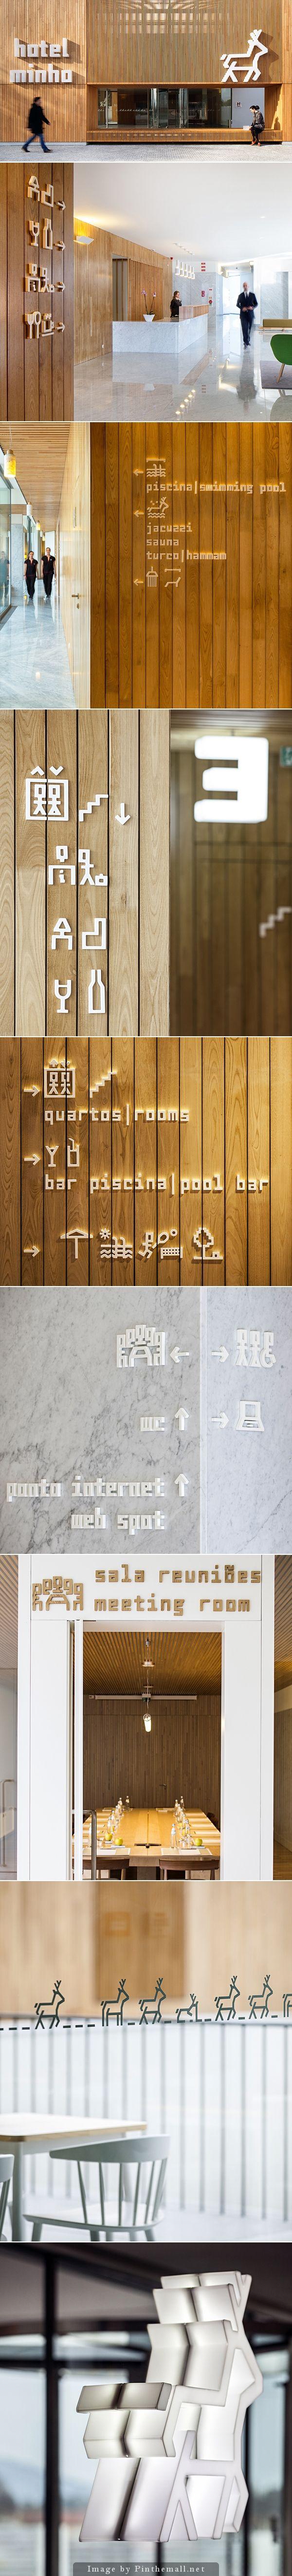 Hotel Minho,  Environmental Graphic Design, Signage Sistems, Interior wayfinding, señaletica para empresas, diseño de locales comerciales Canton Crossing | #Wayfinding | #Signage